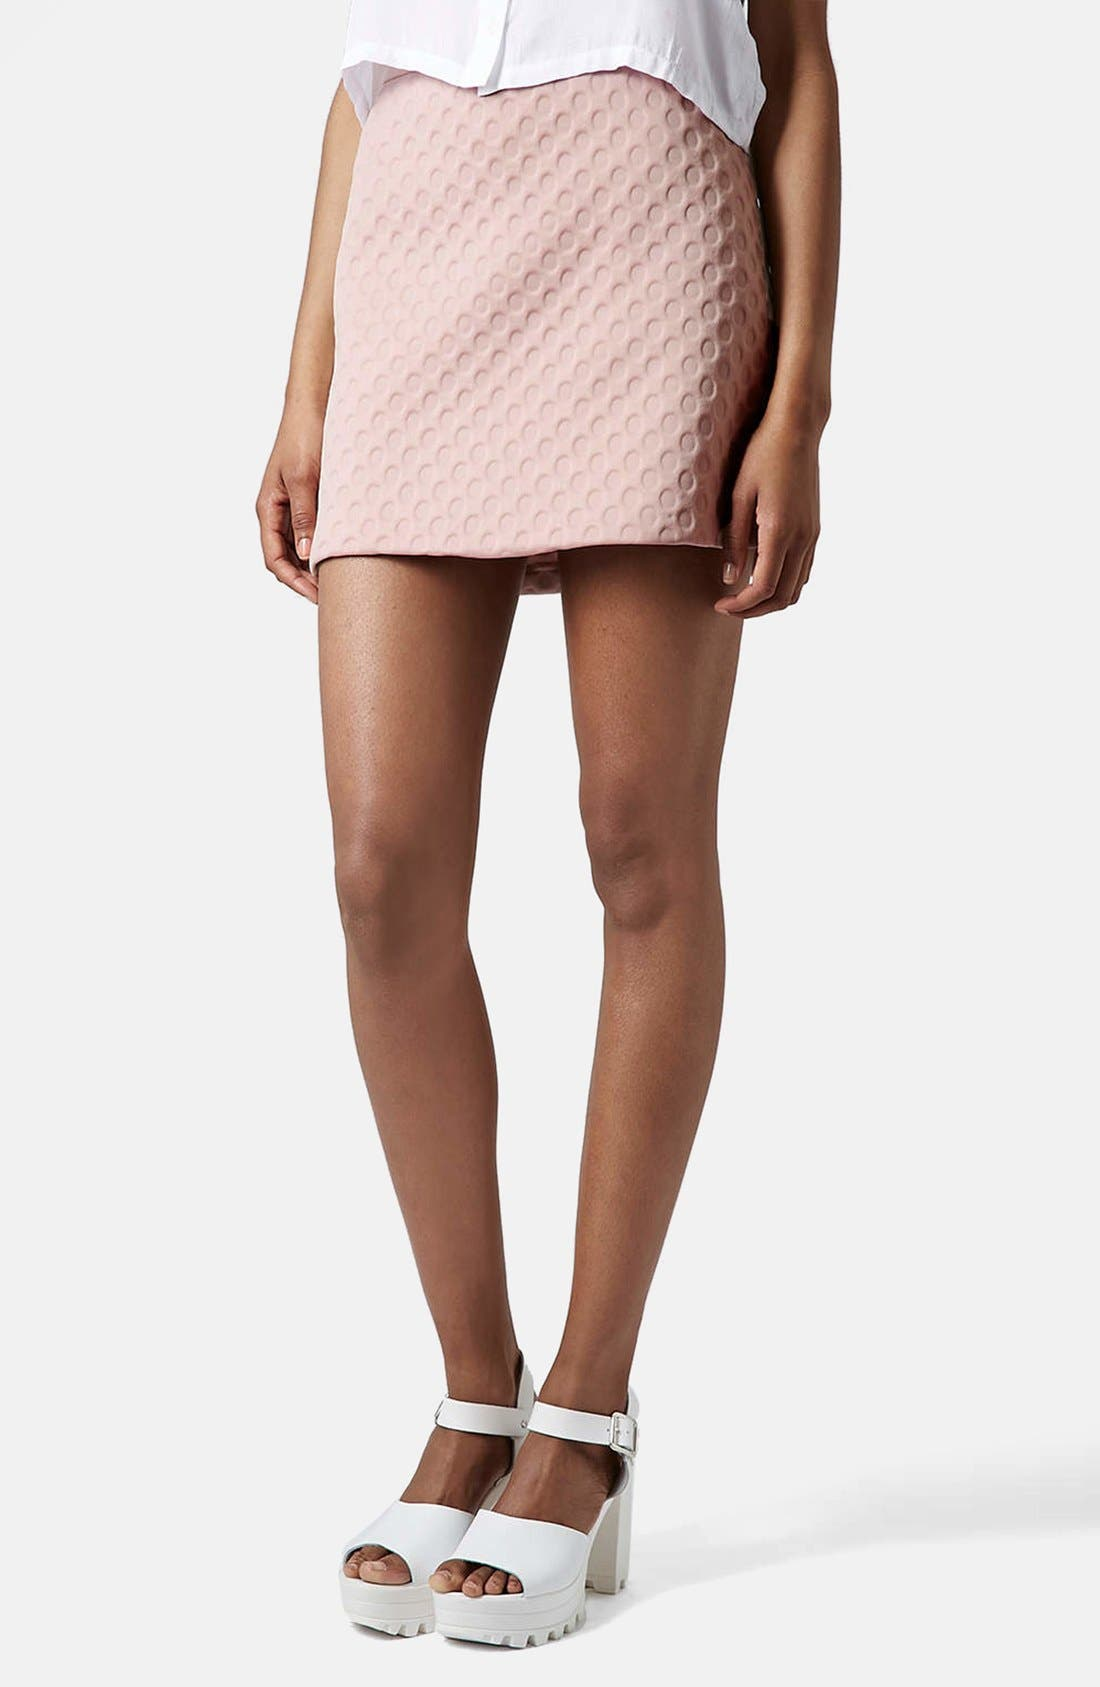 Alternate Image 1 Selected - Topshop 'Foam Spot' Embossed Miniskirt